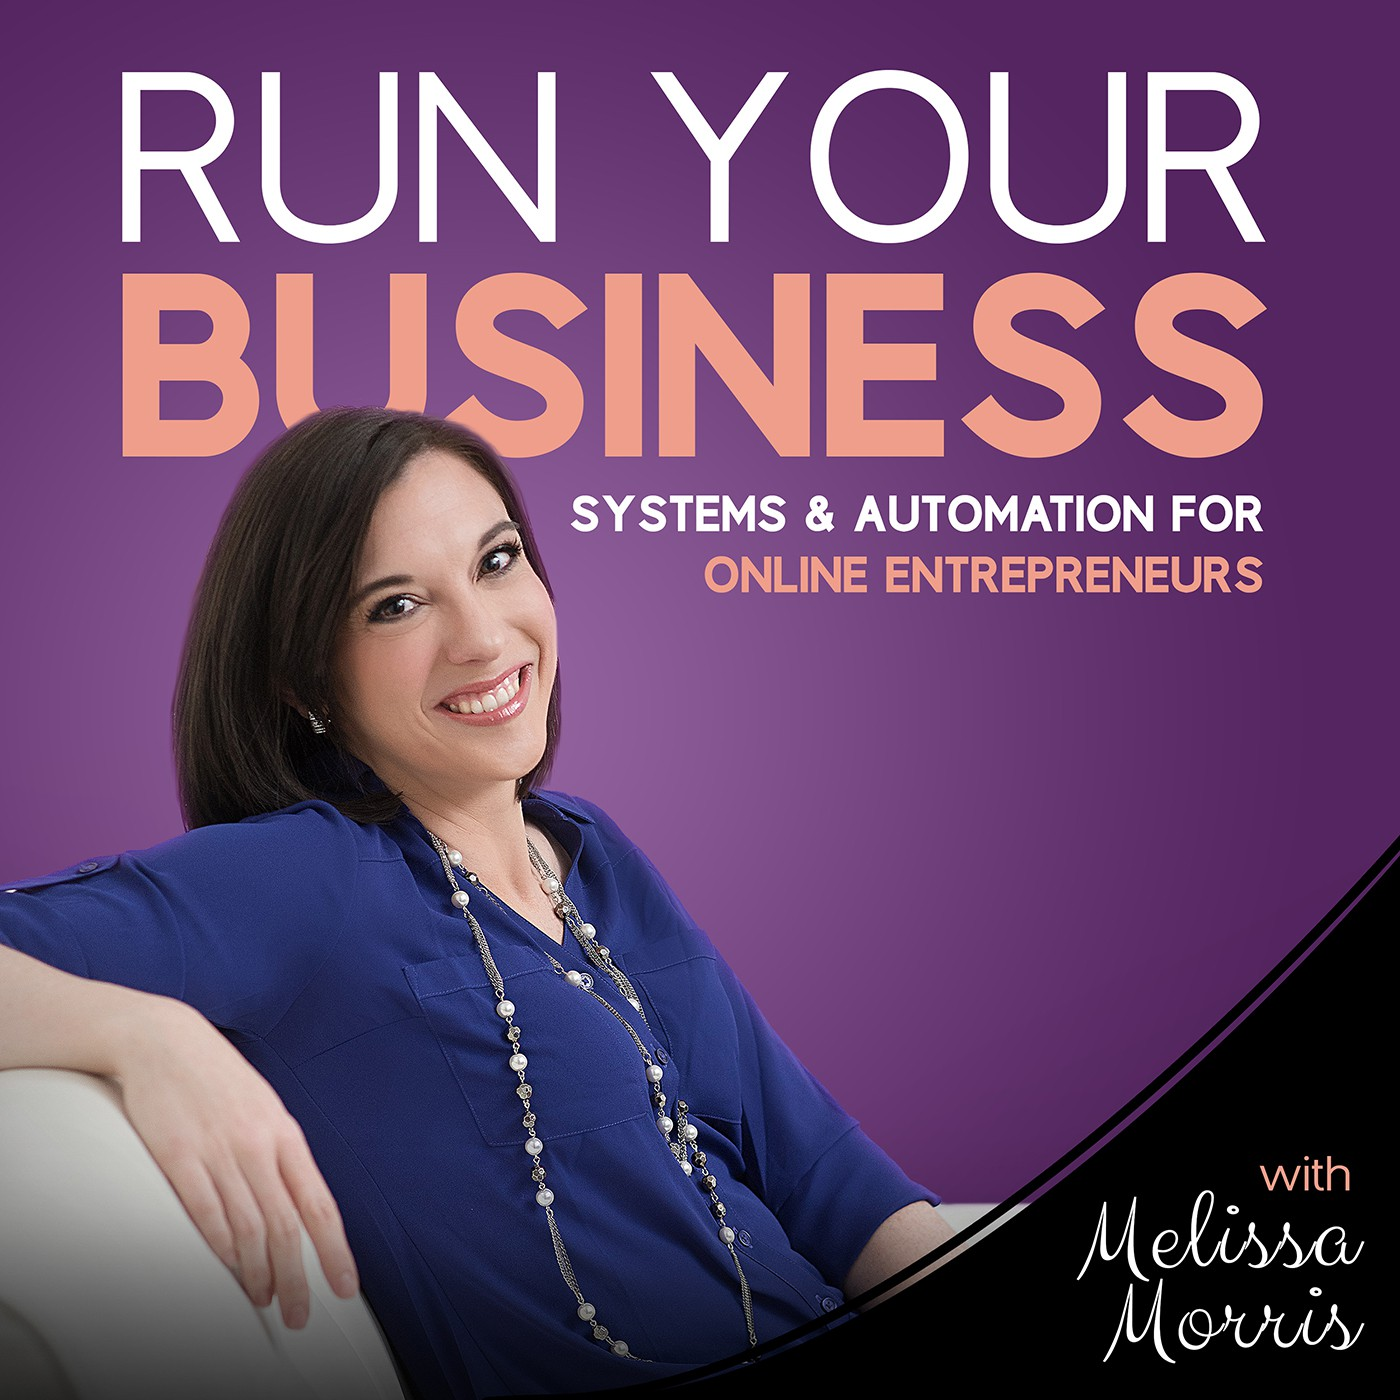 Podcast for Online Entrepreneurs Needs Cover Art